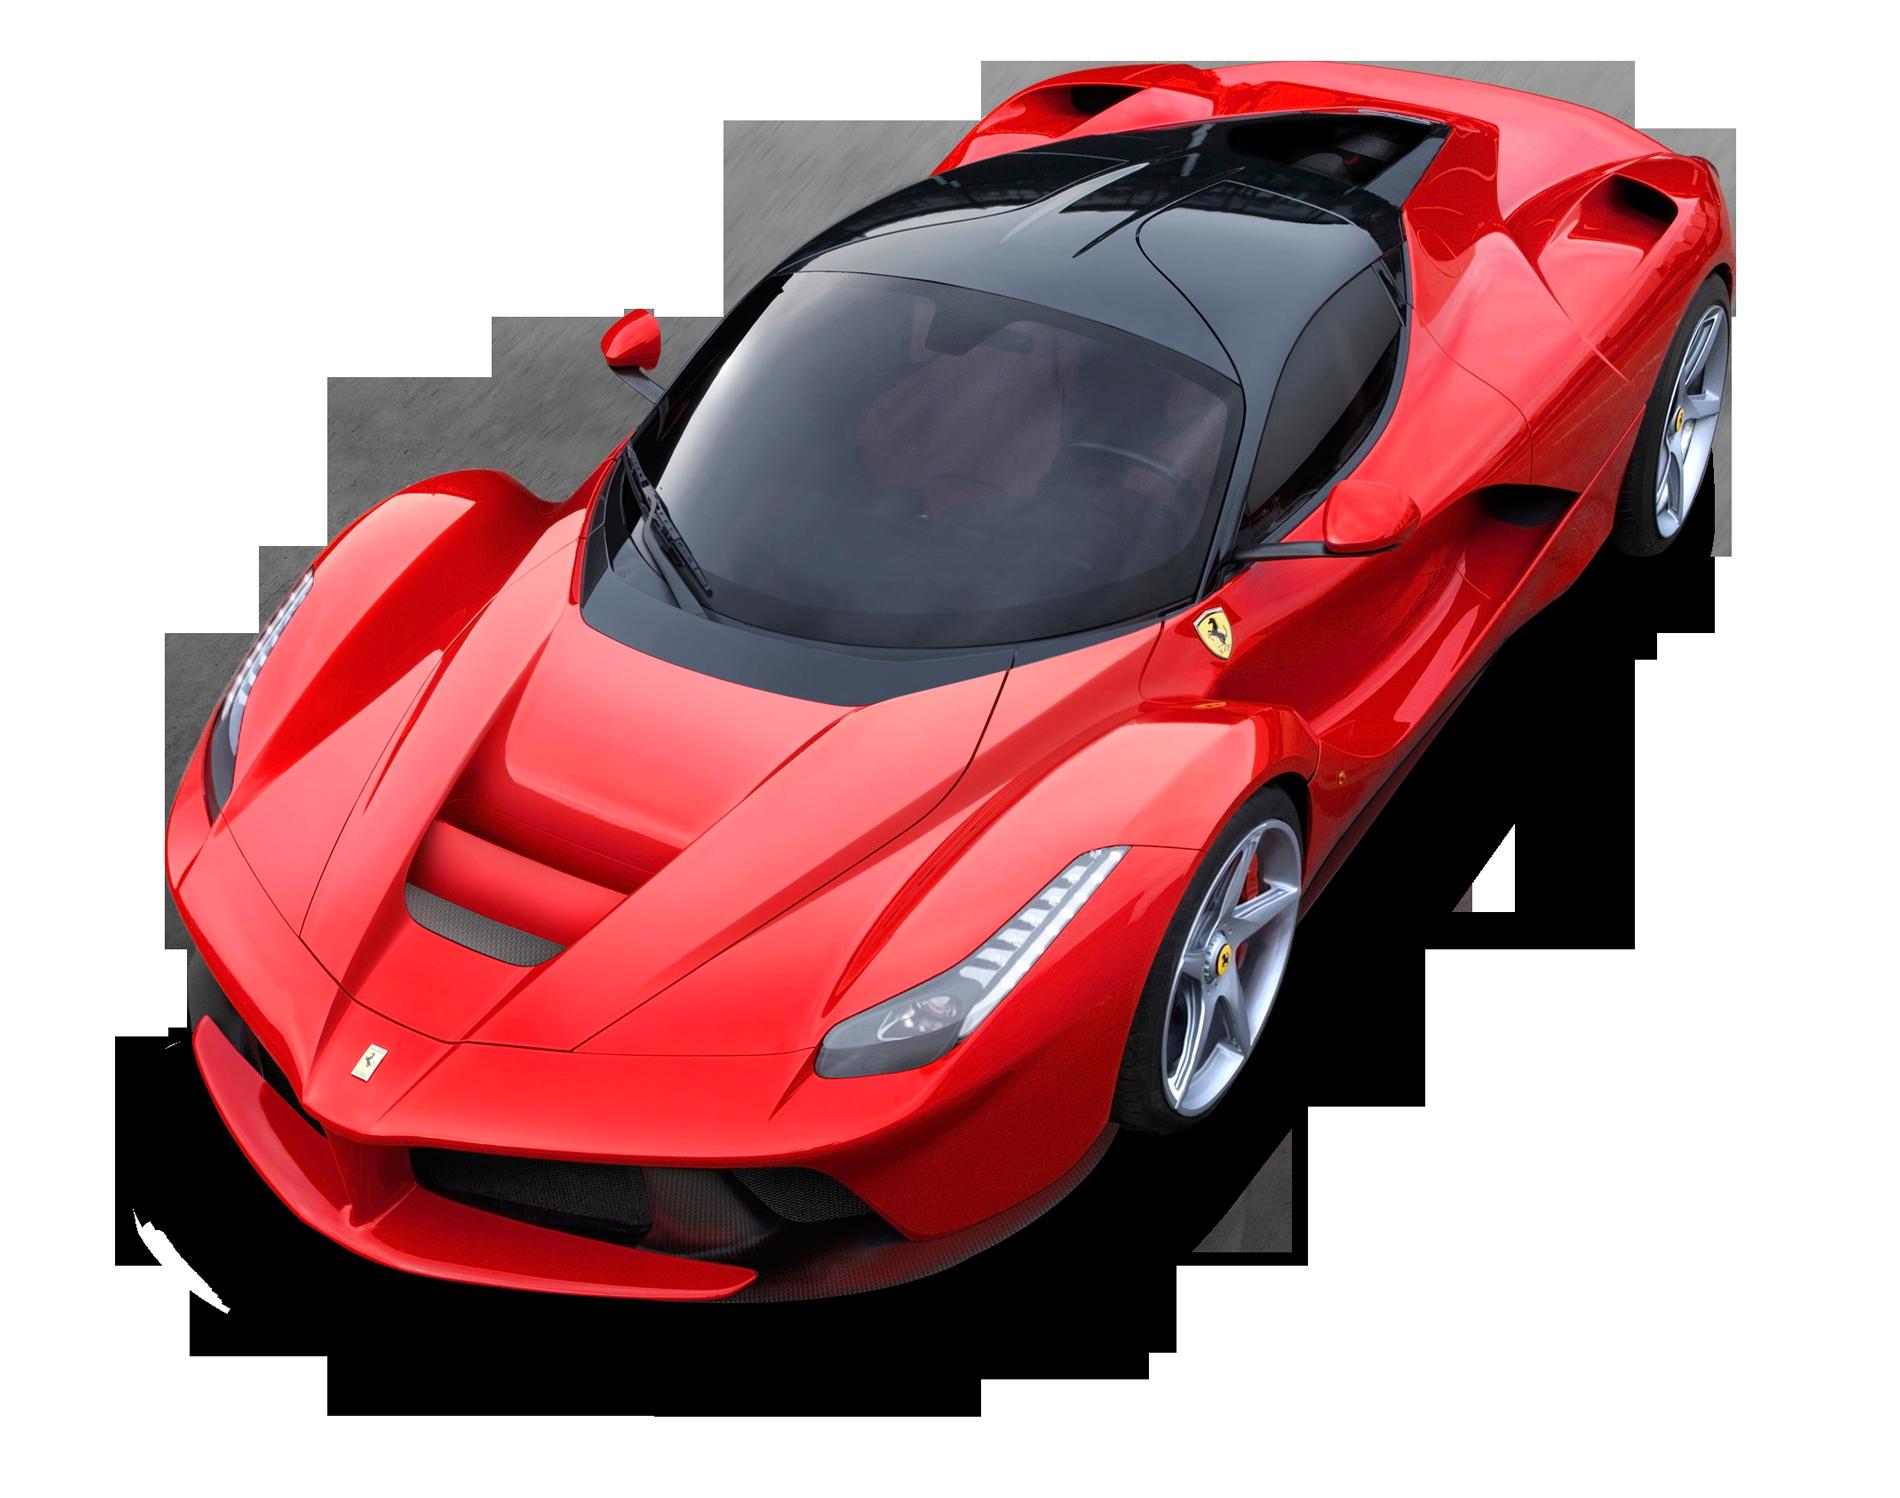 Top View of Ferrari LaFerrari Car PNG Image - PurePNG | Free ...